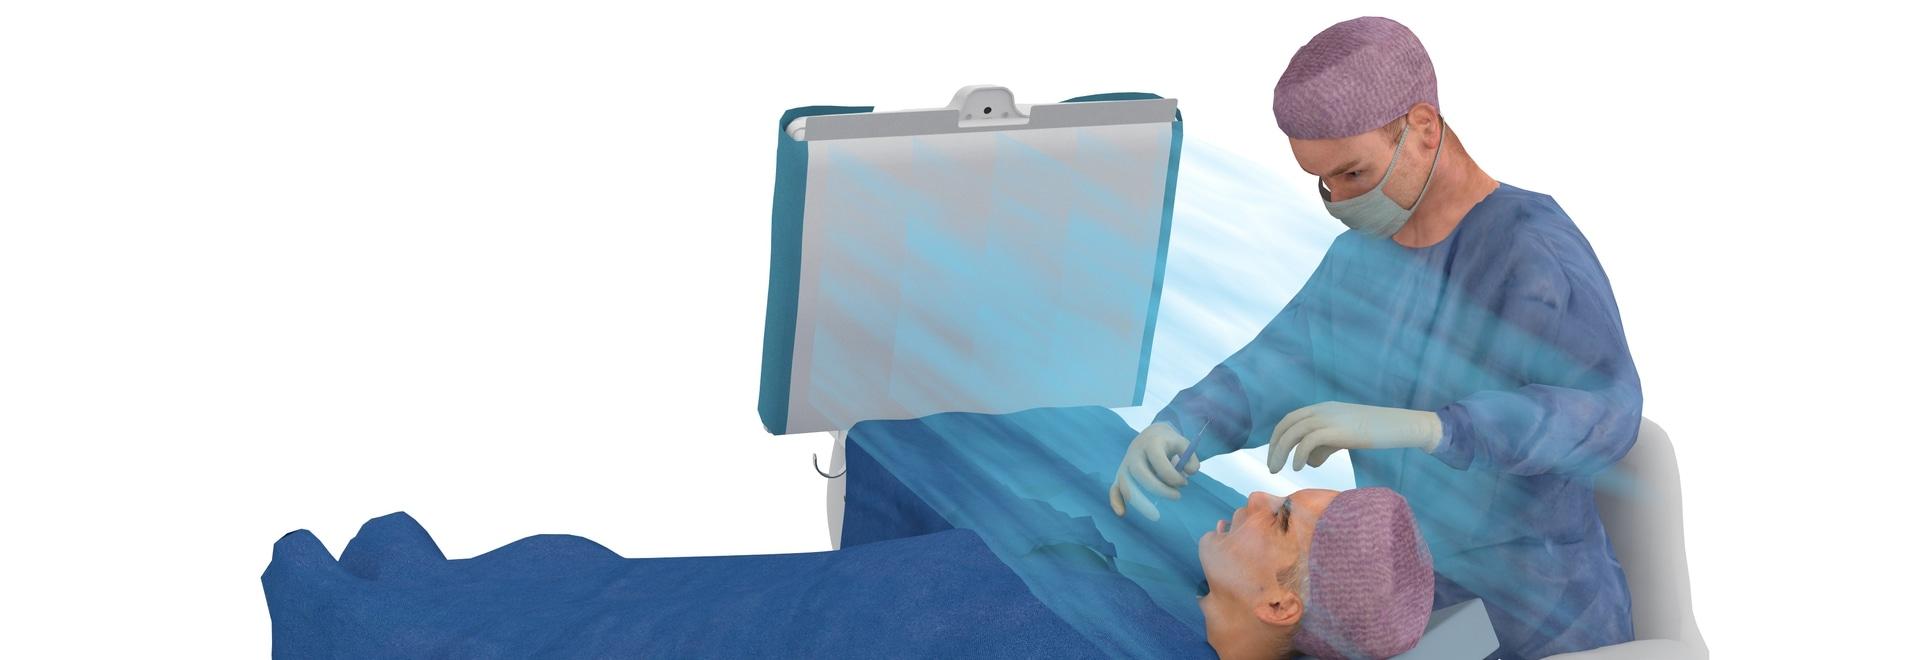 Rinoplastica & Coronavirus: come proteggere gli operatori